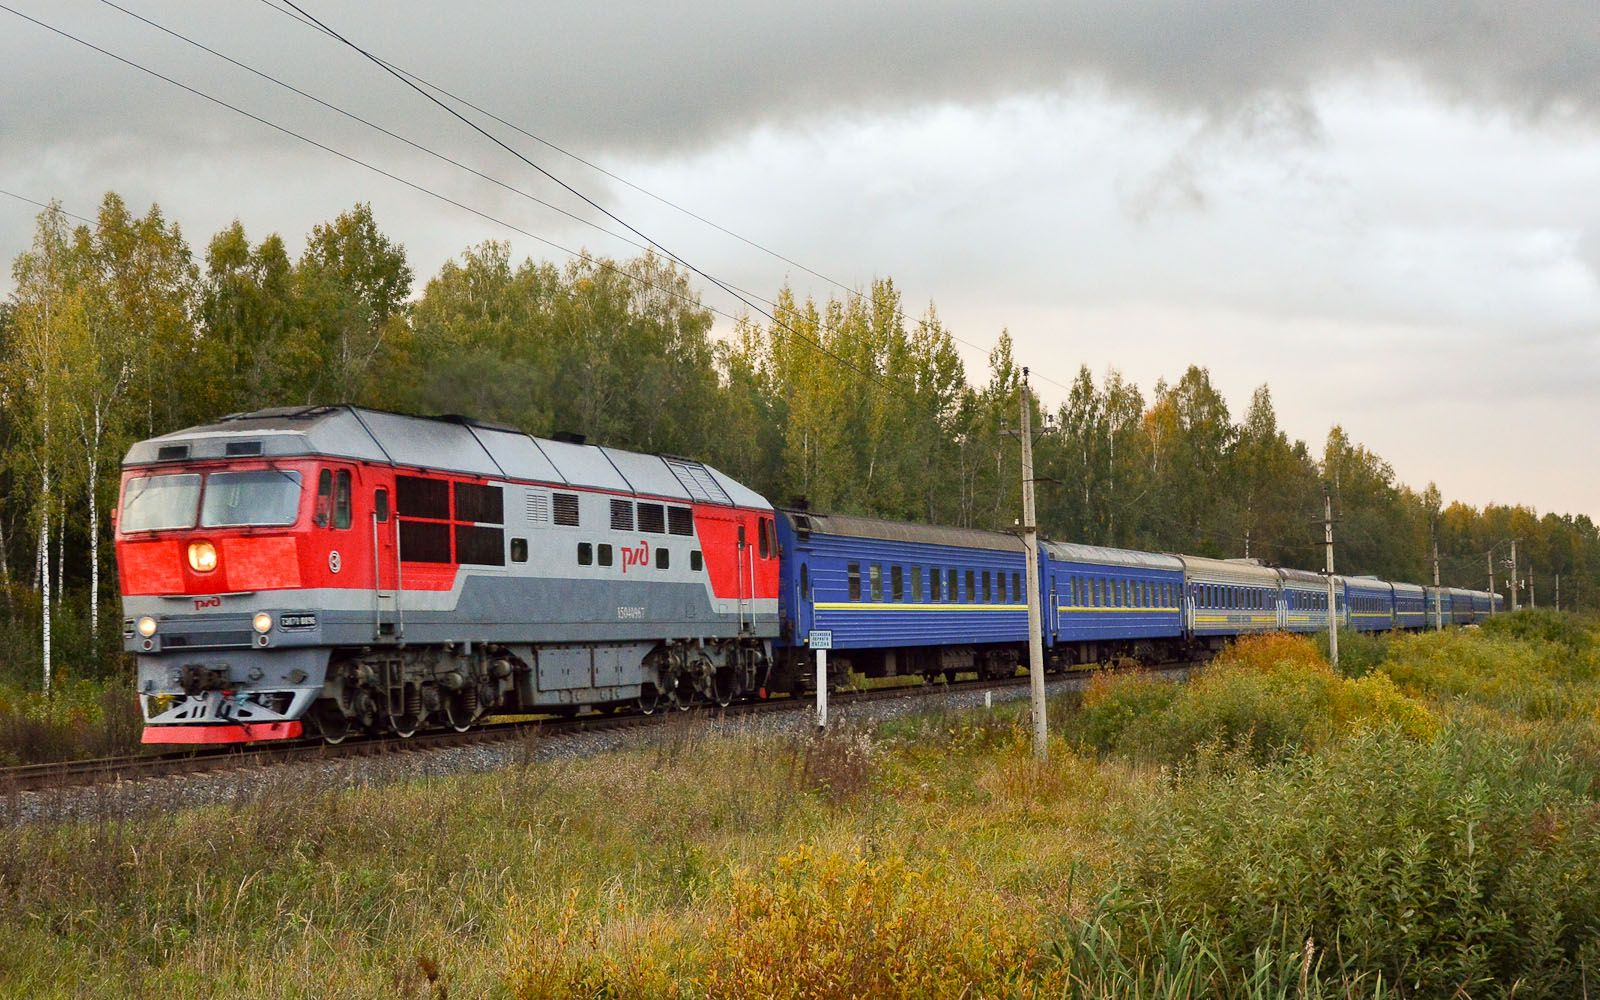 ©Foto: railmen Steffen Mann | TEM 70-0096 mit D-Zug bei Batezkaja (südlich Leningrad) | 24.09.2018